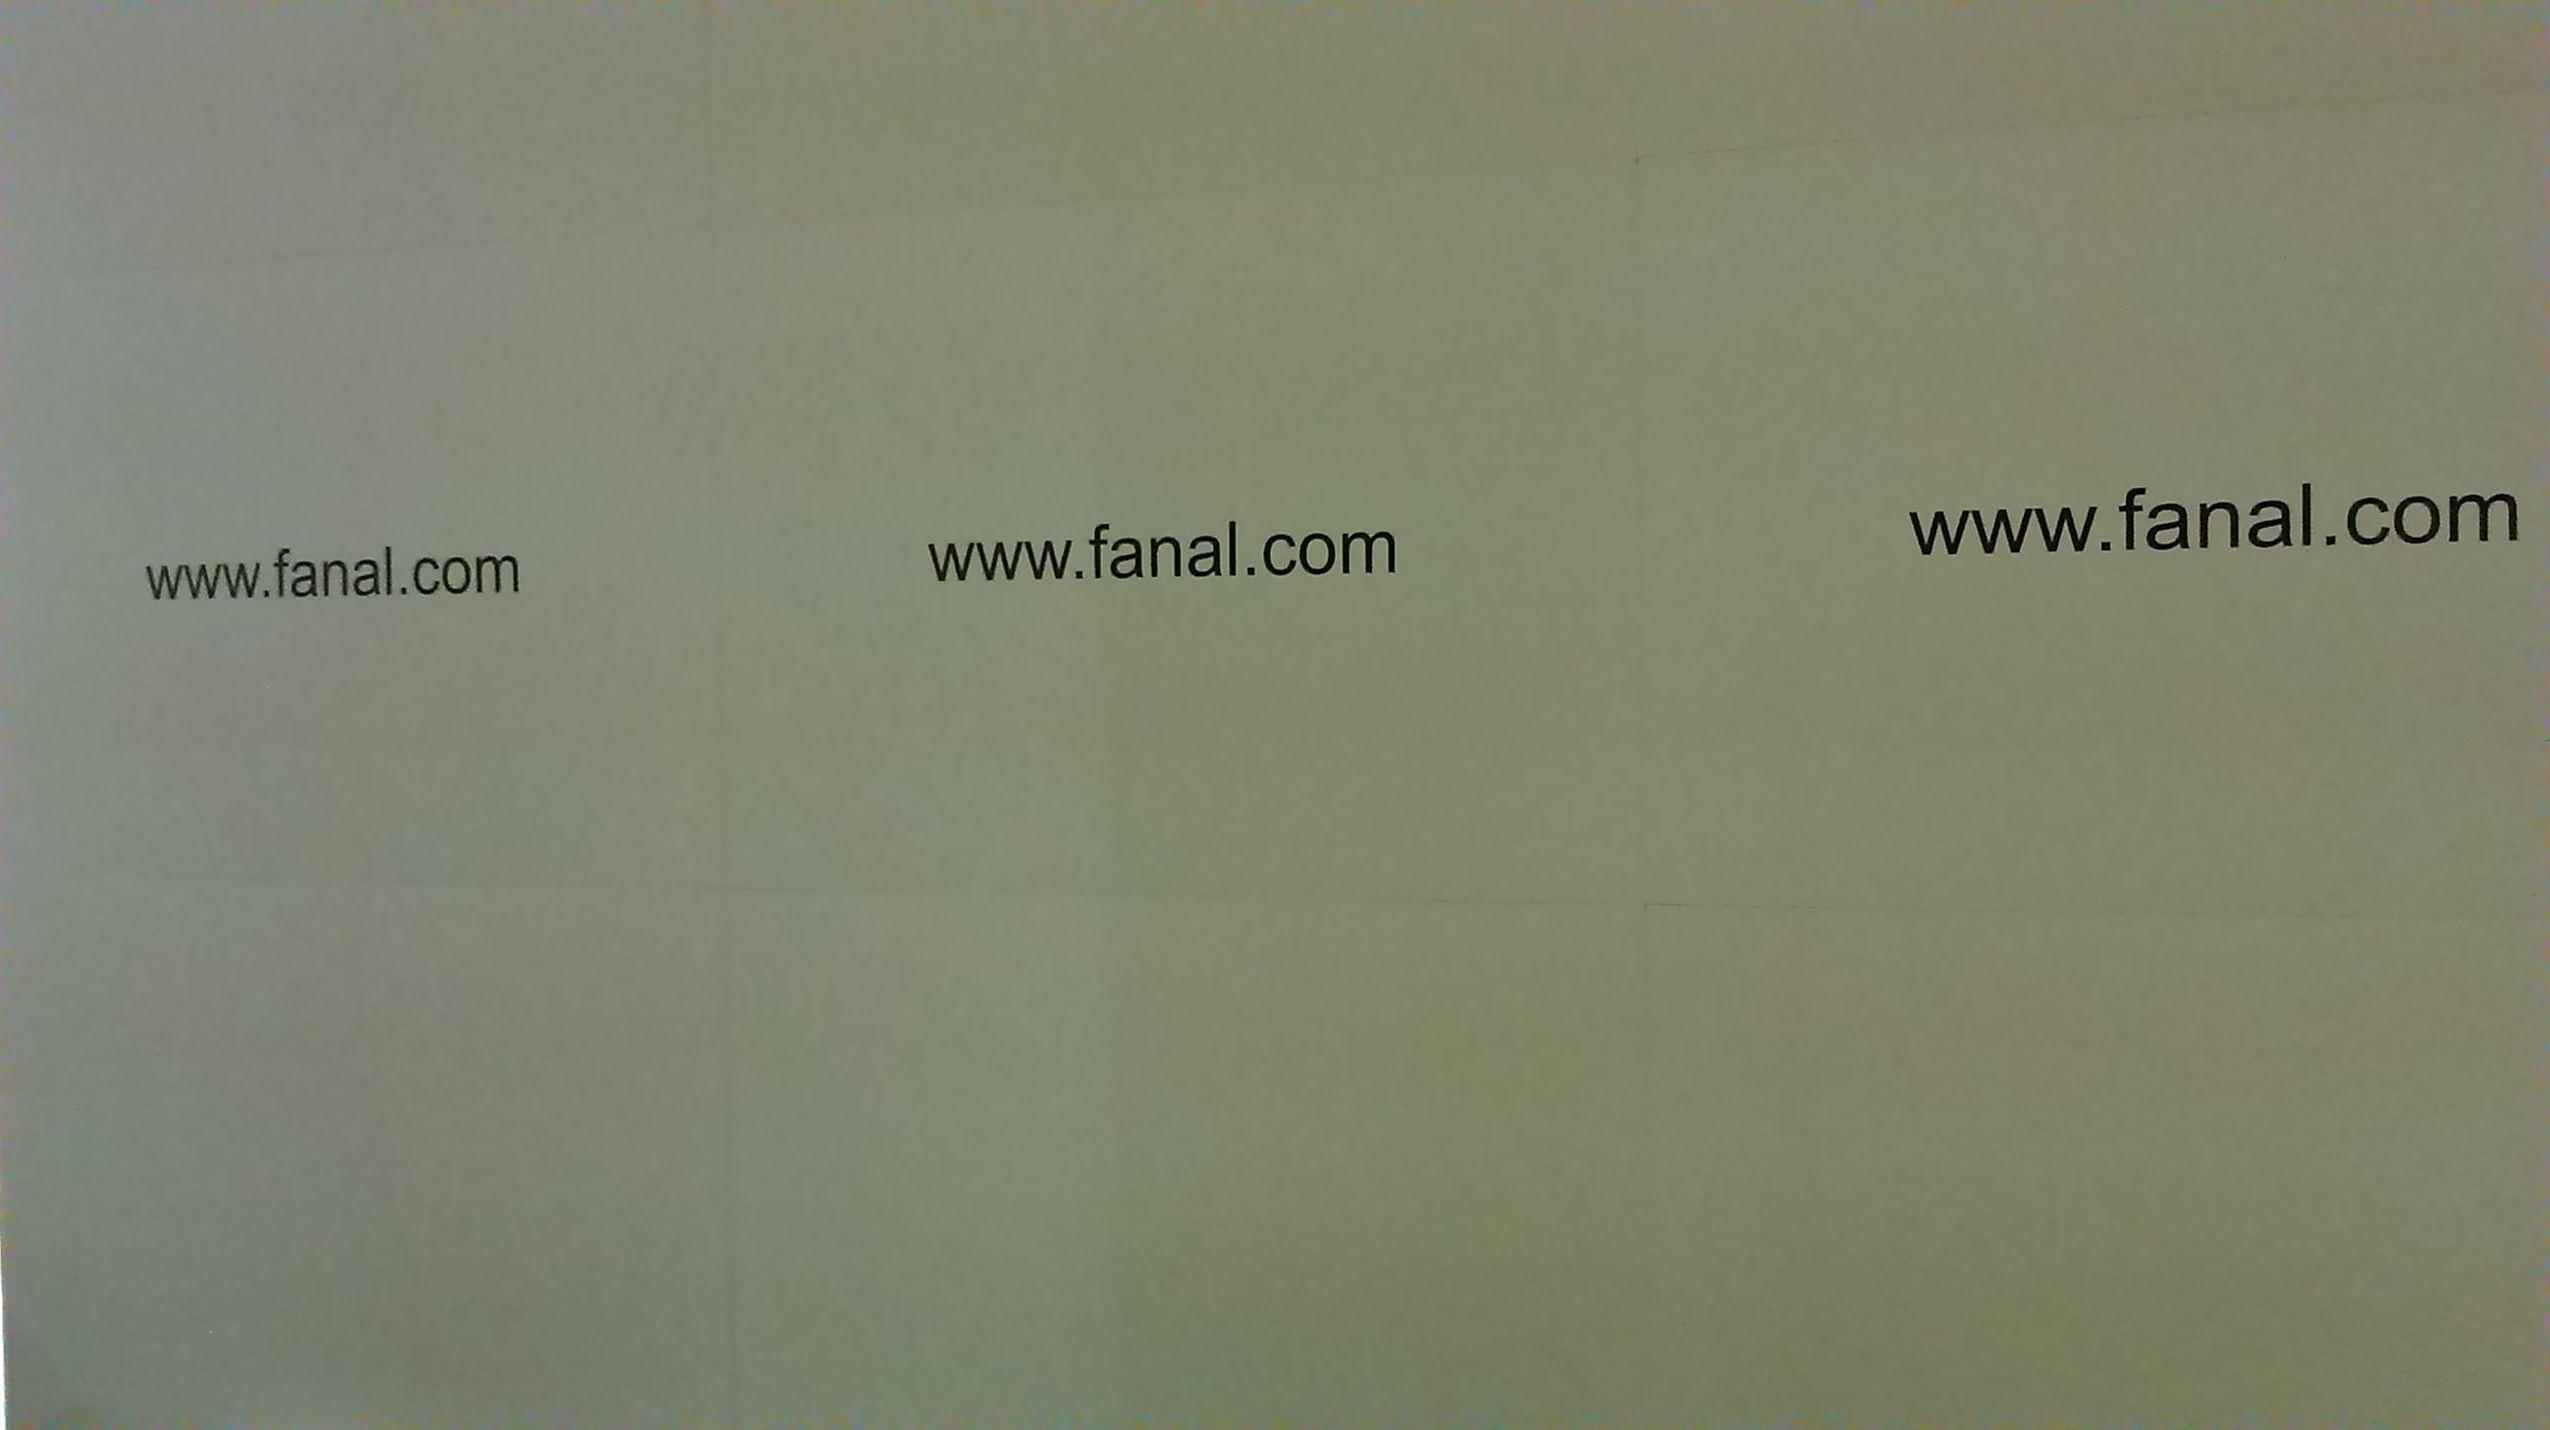 Logos para webs